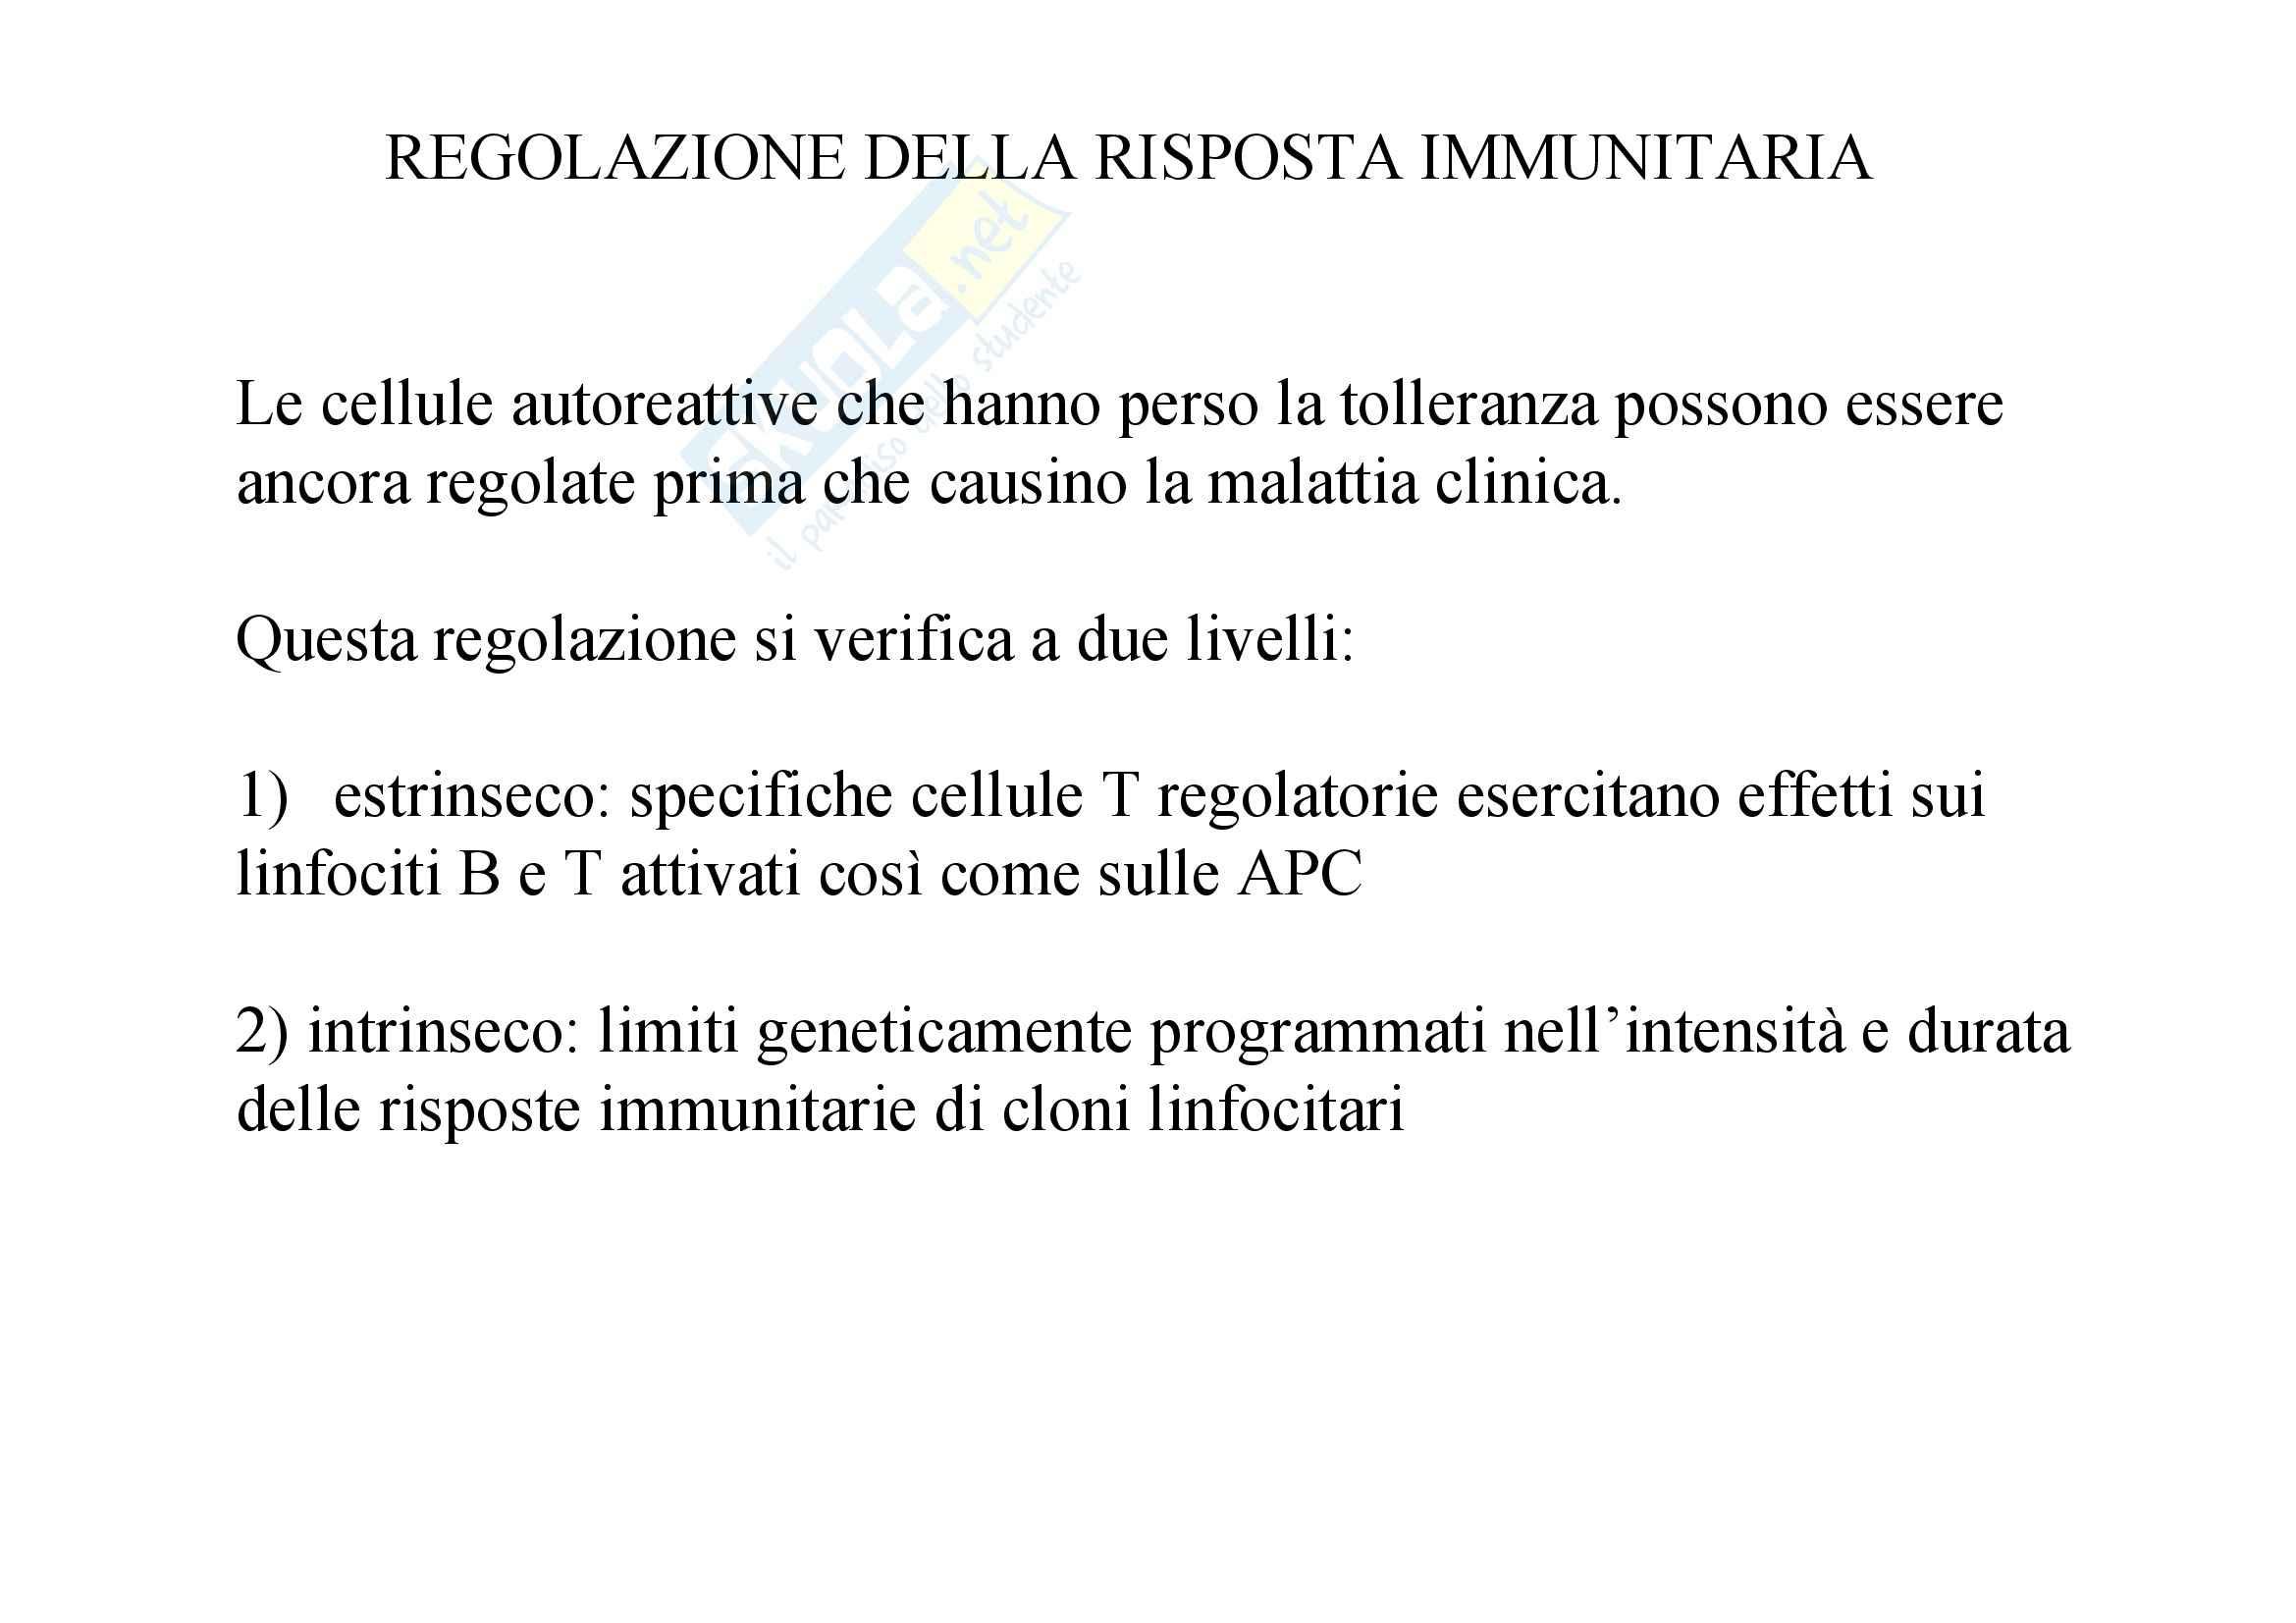 Immunologia - regolazione della risposta immunitaria